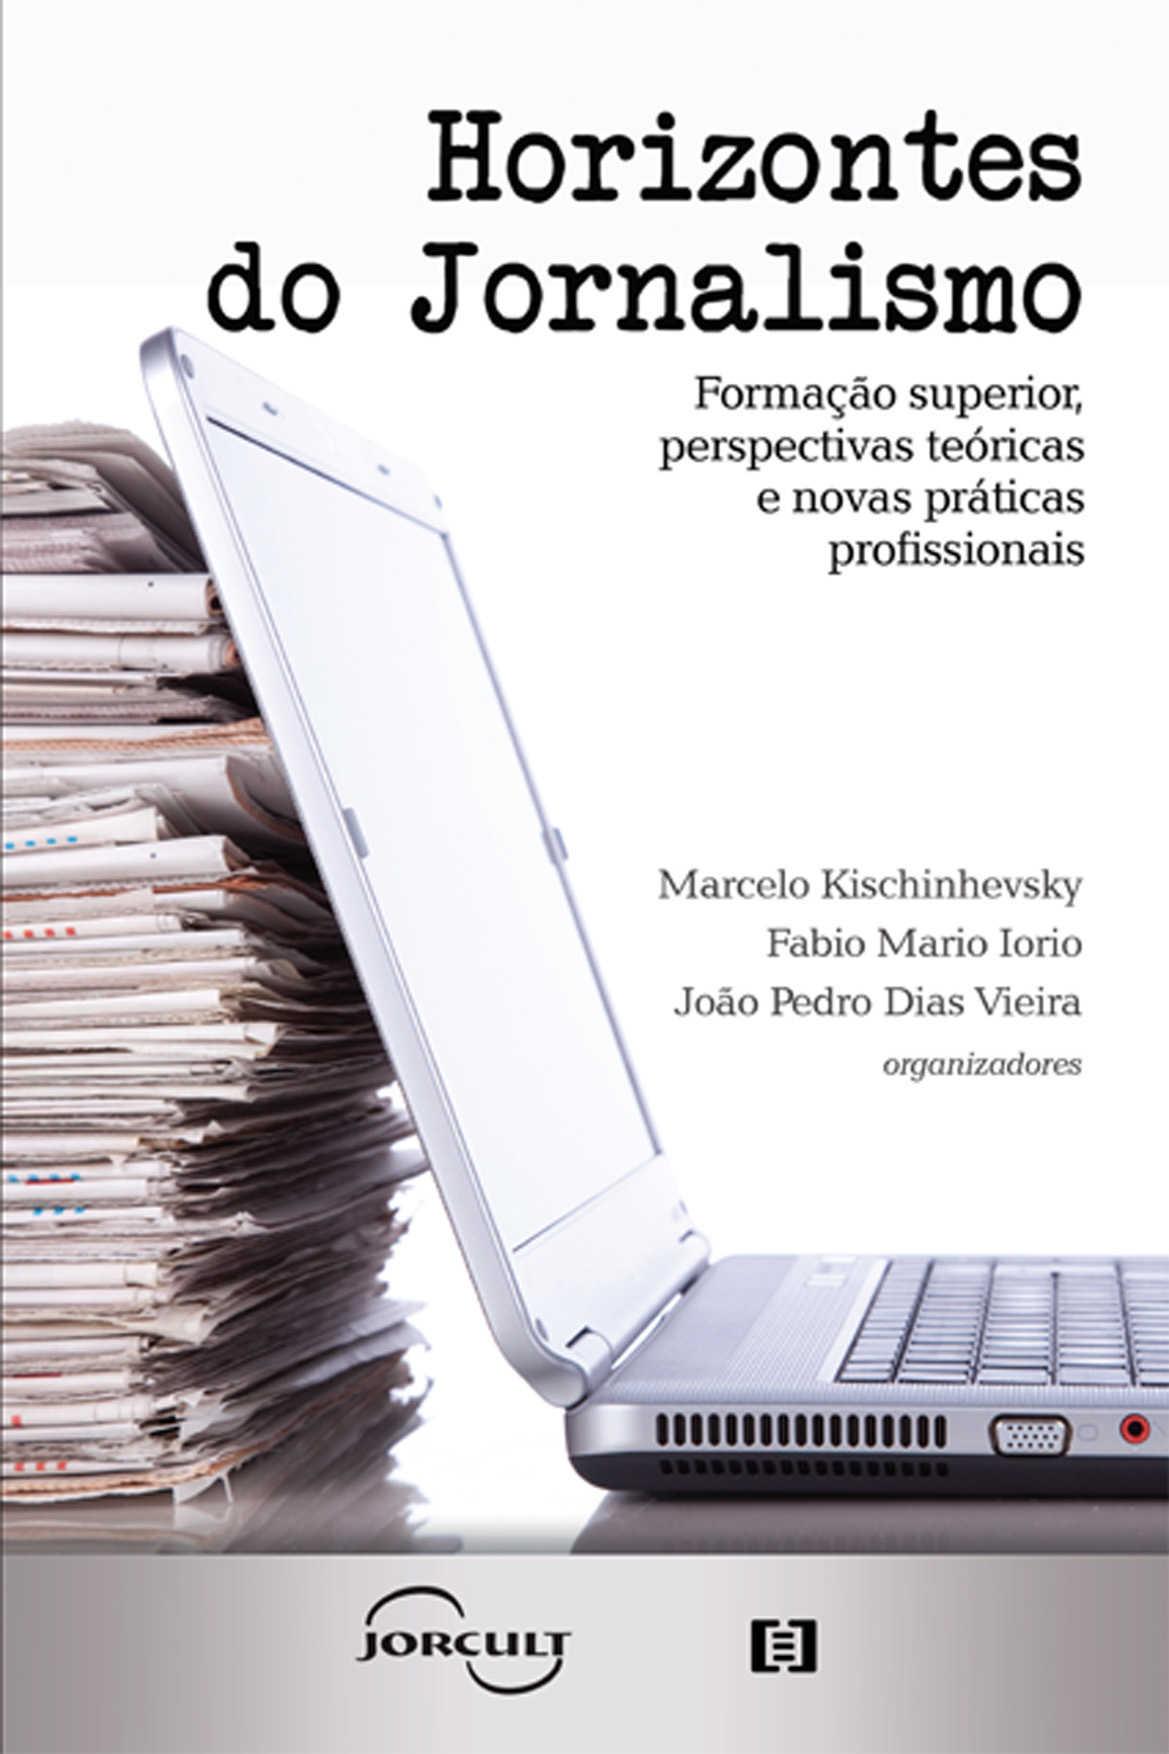 Horizontes do Jornalismo: Formação superior, perspectivas teóricas e novas práticas profissionais